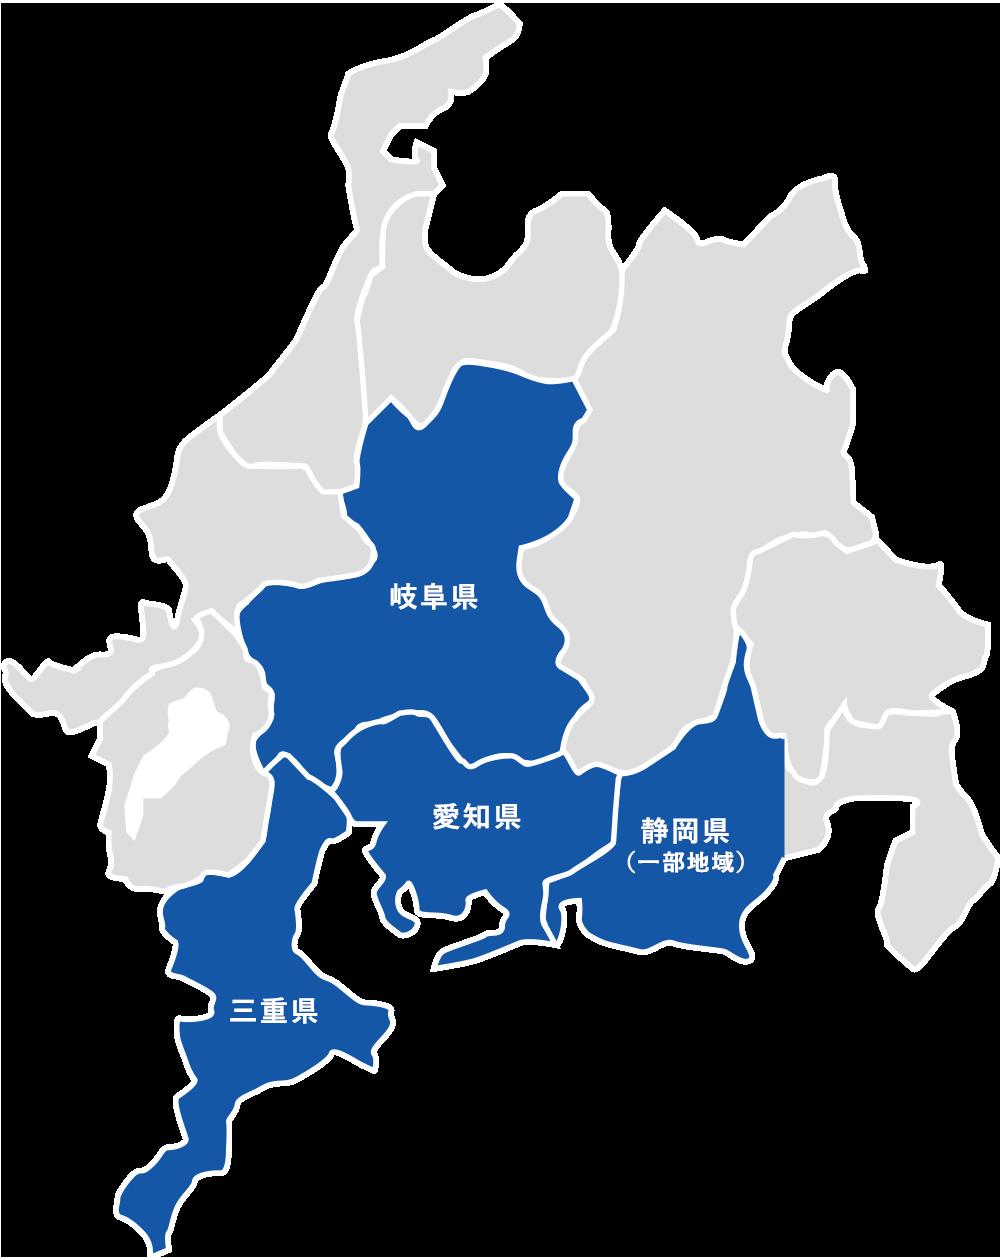 愛知県・三重県・岐阜県全域及び静岡県の一部地位で対応可能